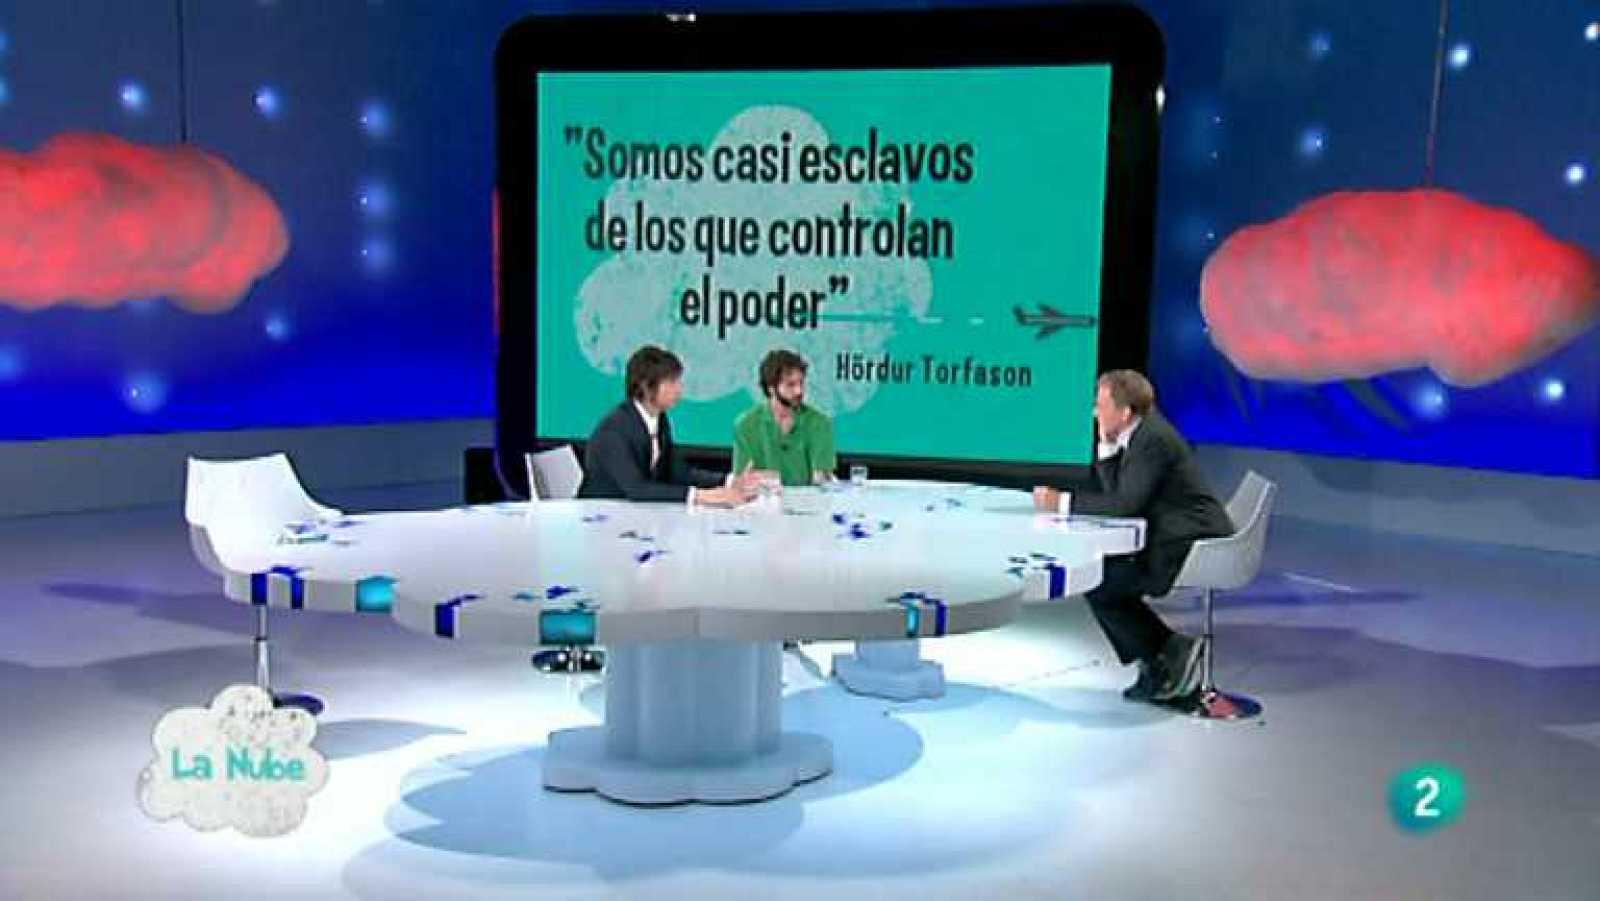 La nube - Ciberactivismo y democracia: ciudadano digital - ver ahora